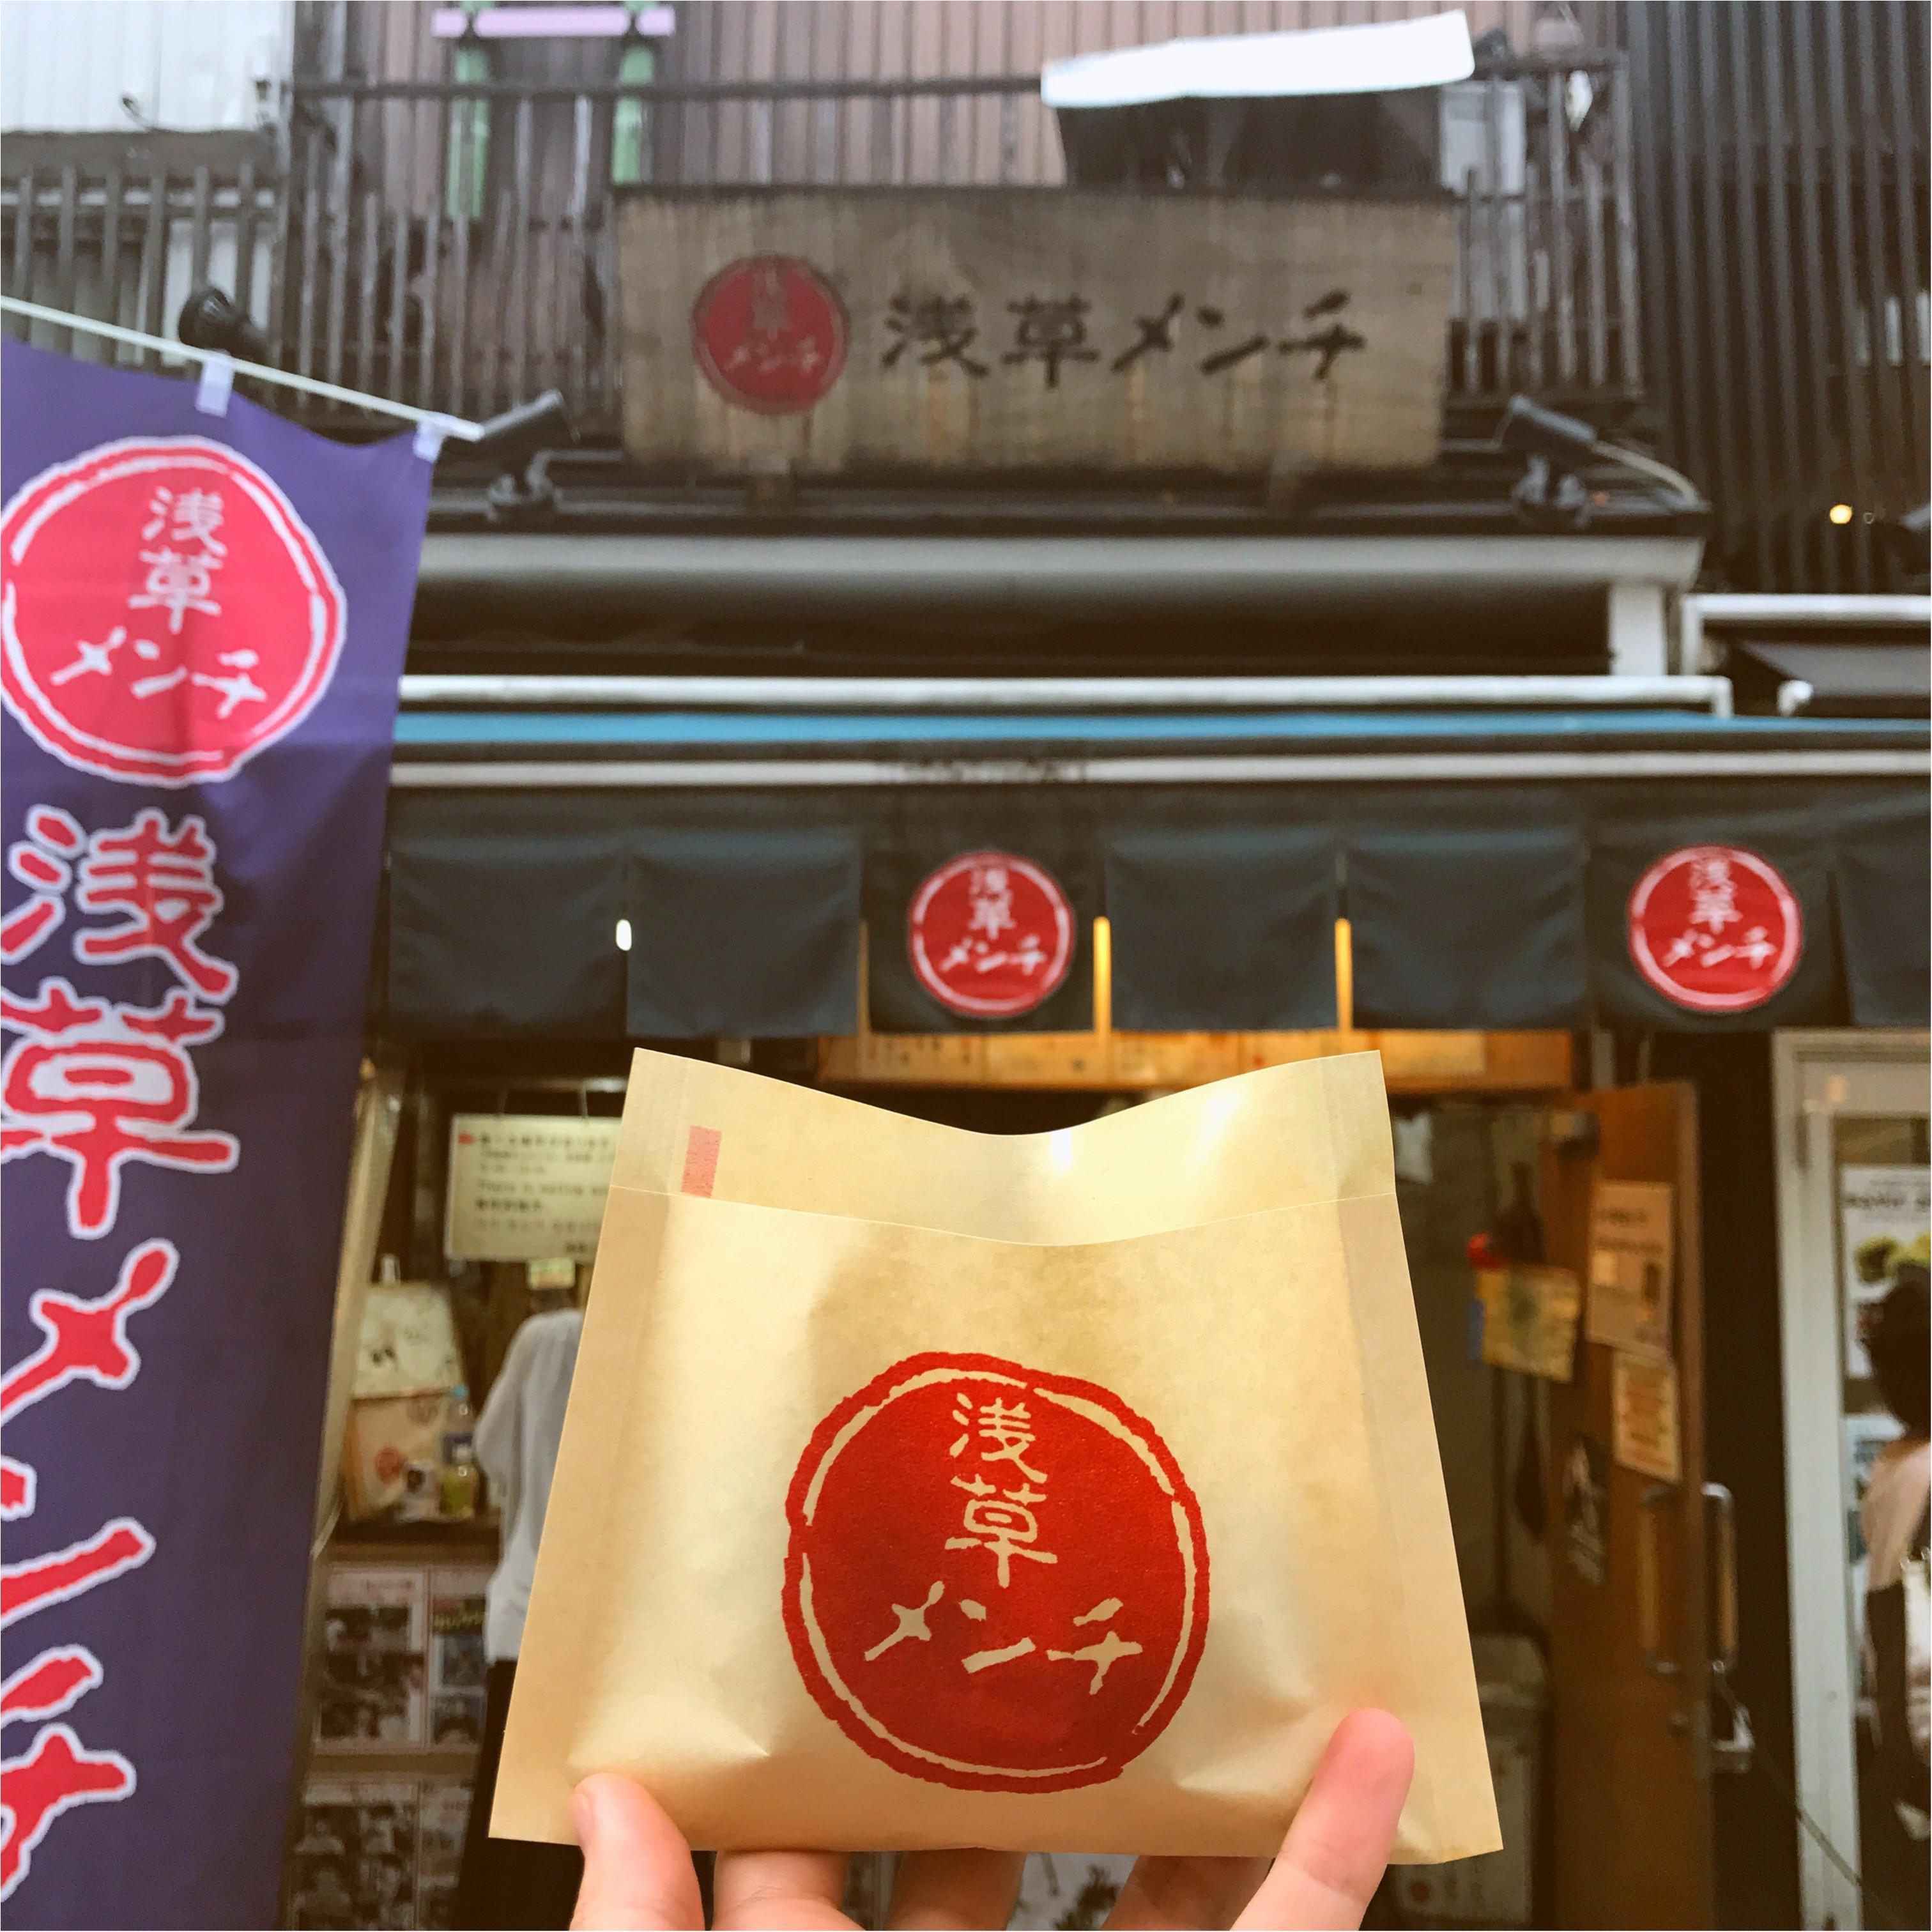 【FOOD】ご当地モア♡浅草グルメ!まずはこのコロッケを食すべし!!_1